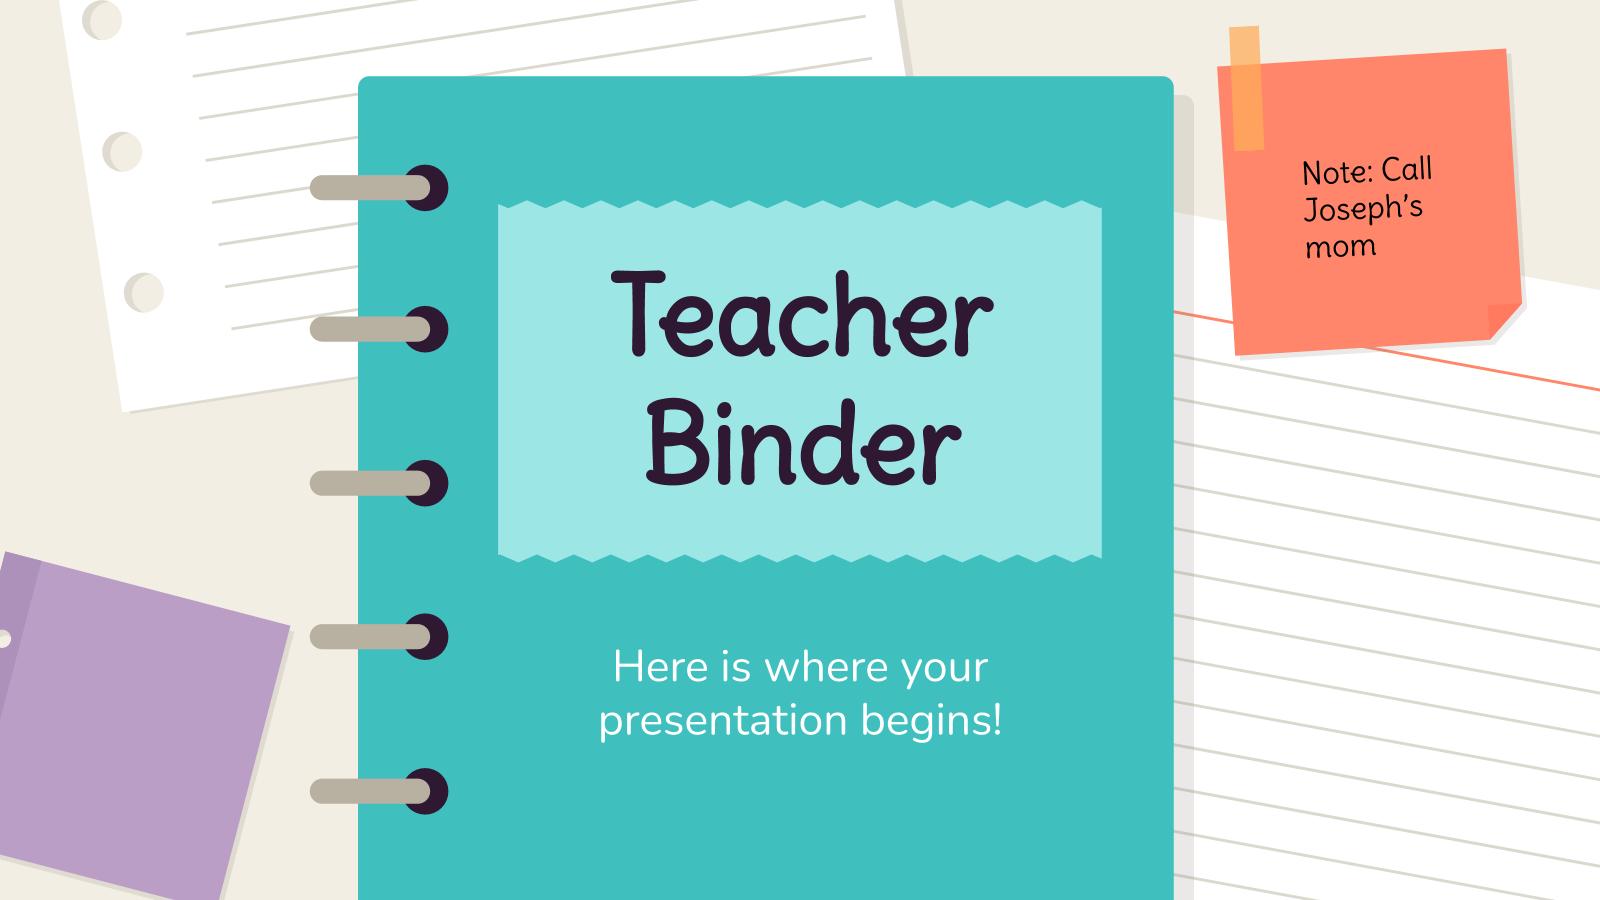 Classeur de l'enseignant : Modèles de présentation